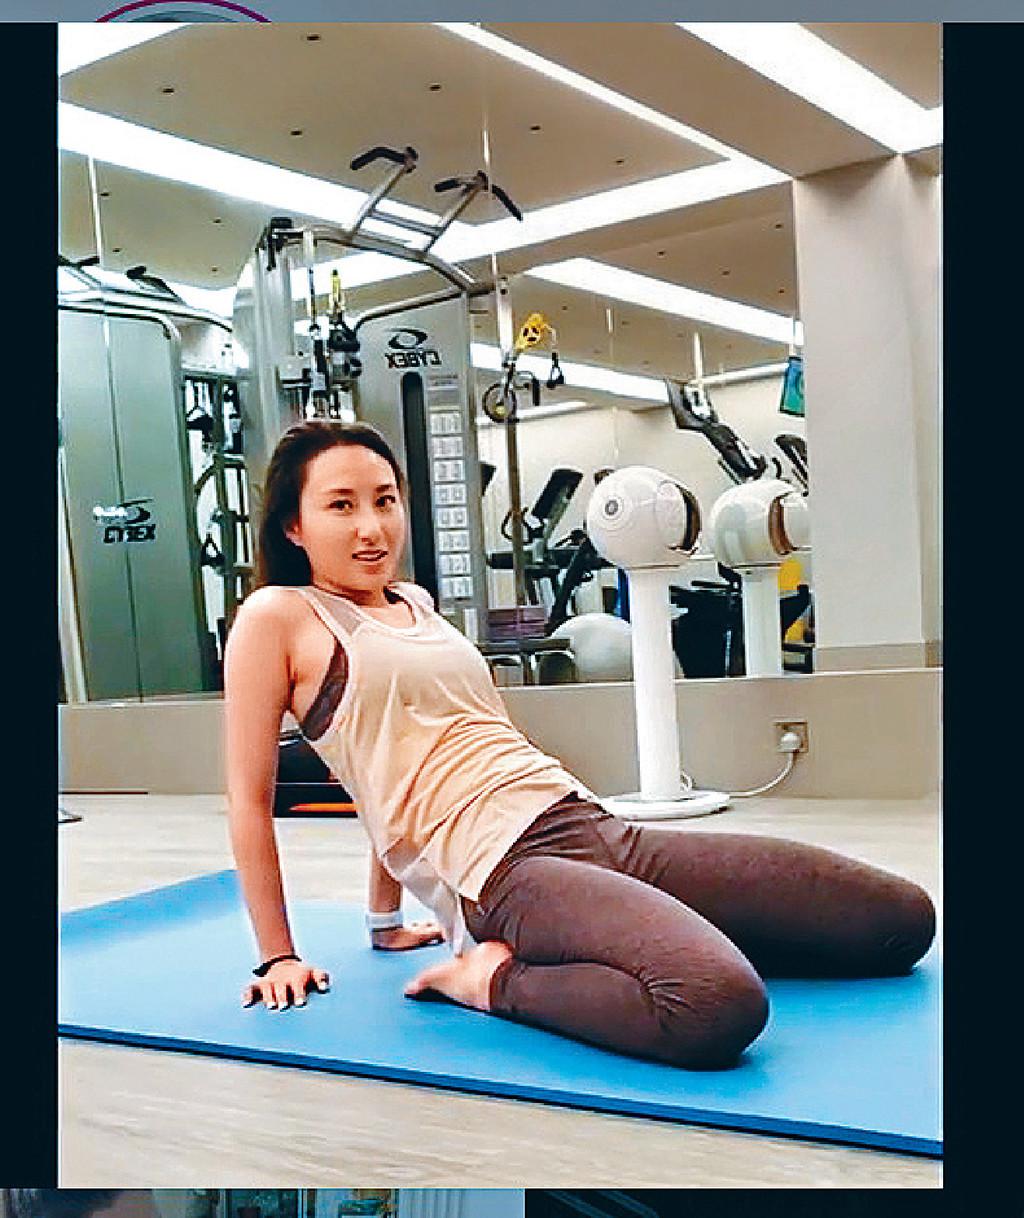 自信素顏 ■超雲喺社交網分享做Gym短片,拉背後又做出多個屈曲拉筋動作,坦言「好累」。